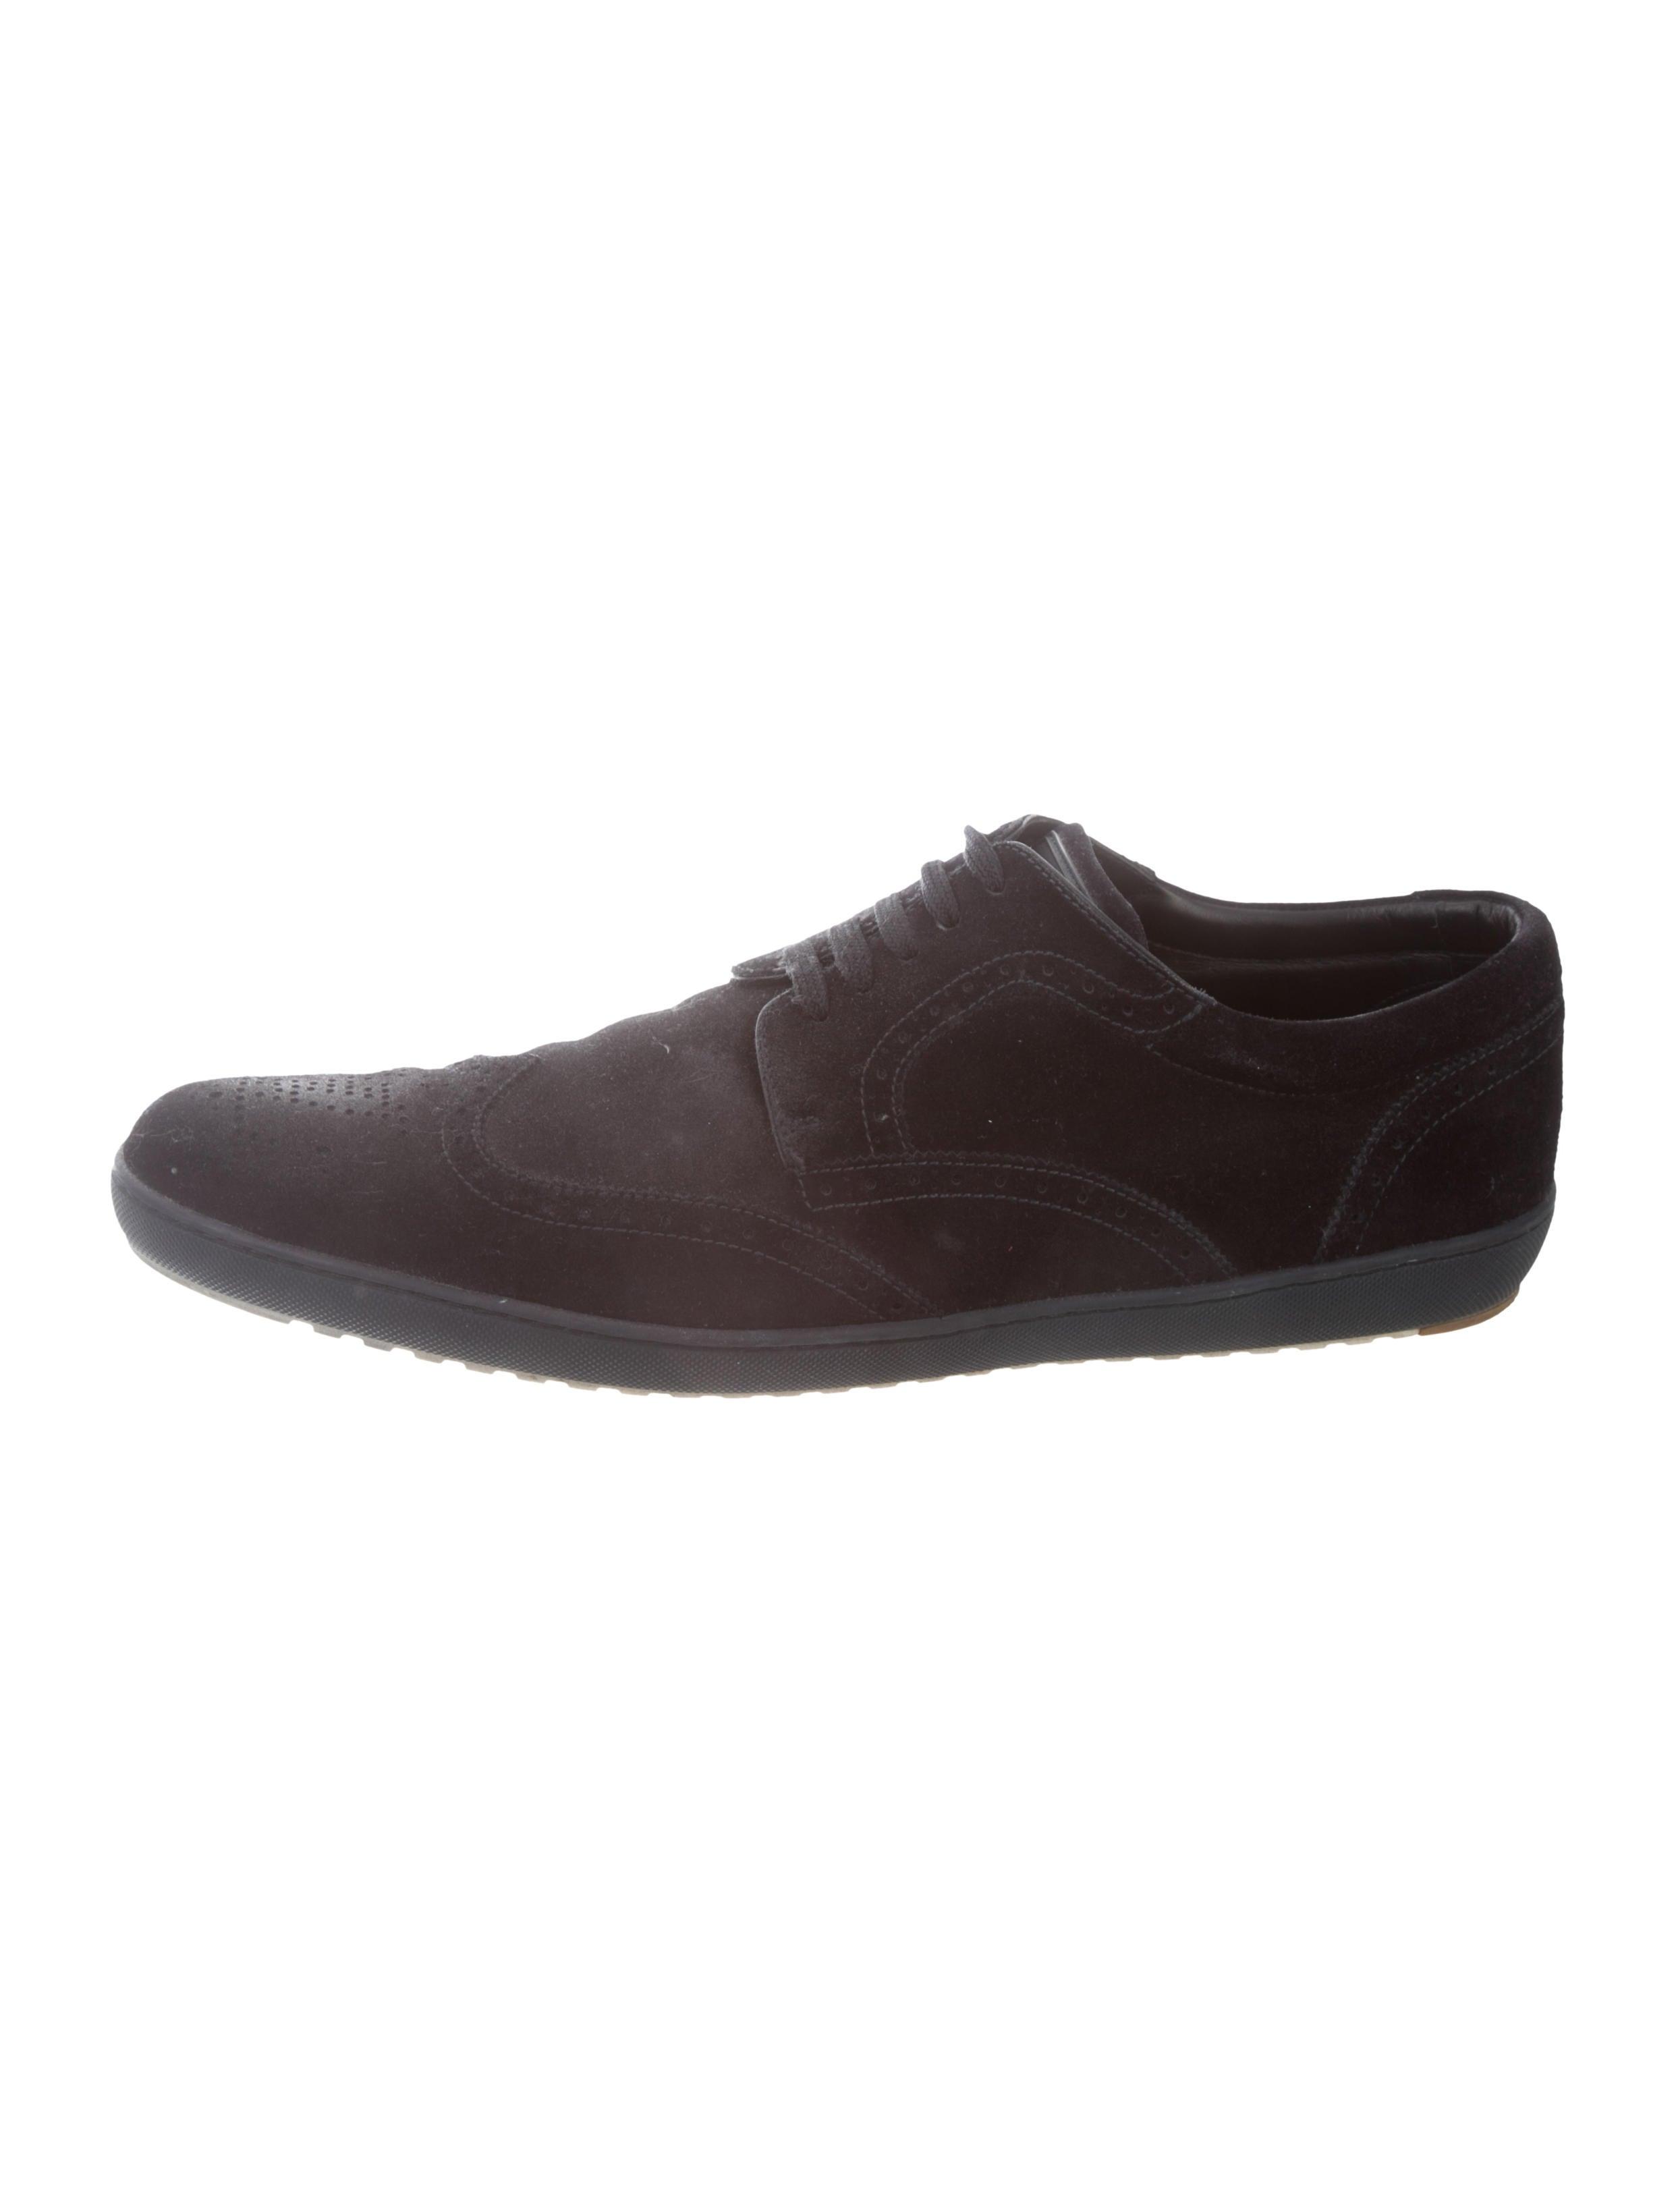 060ae59b777b Louis Vuitton Shoes